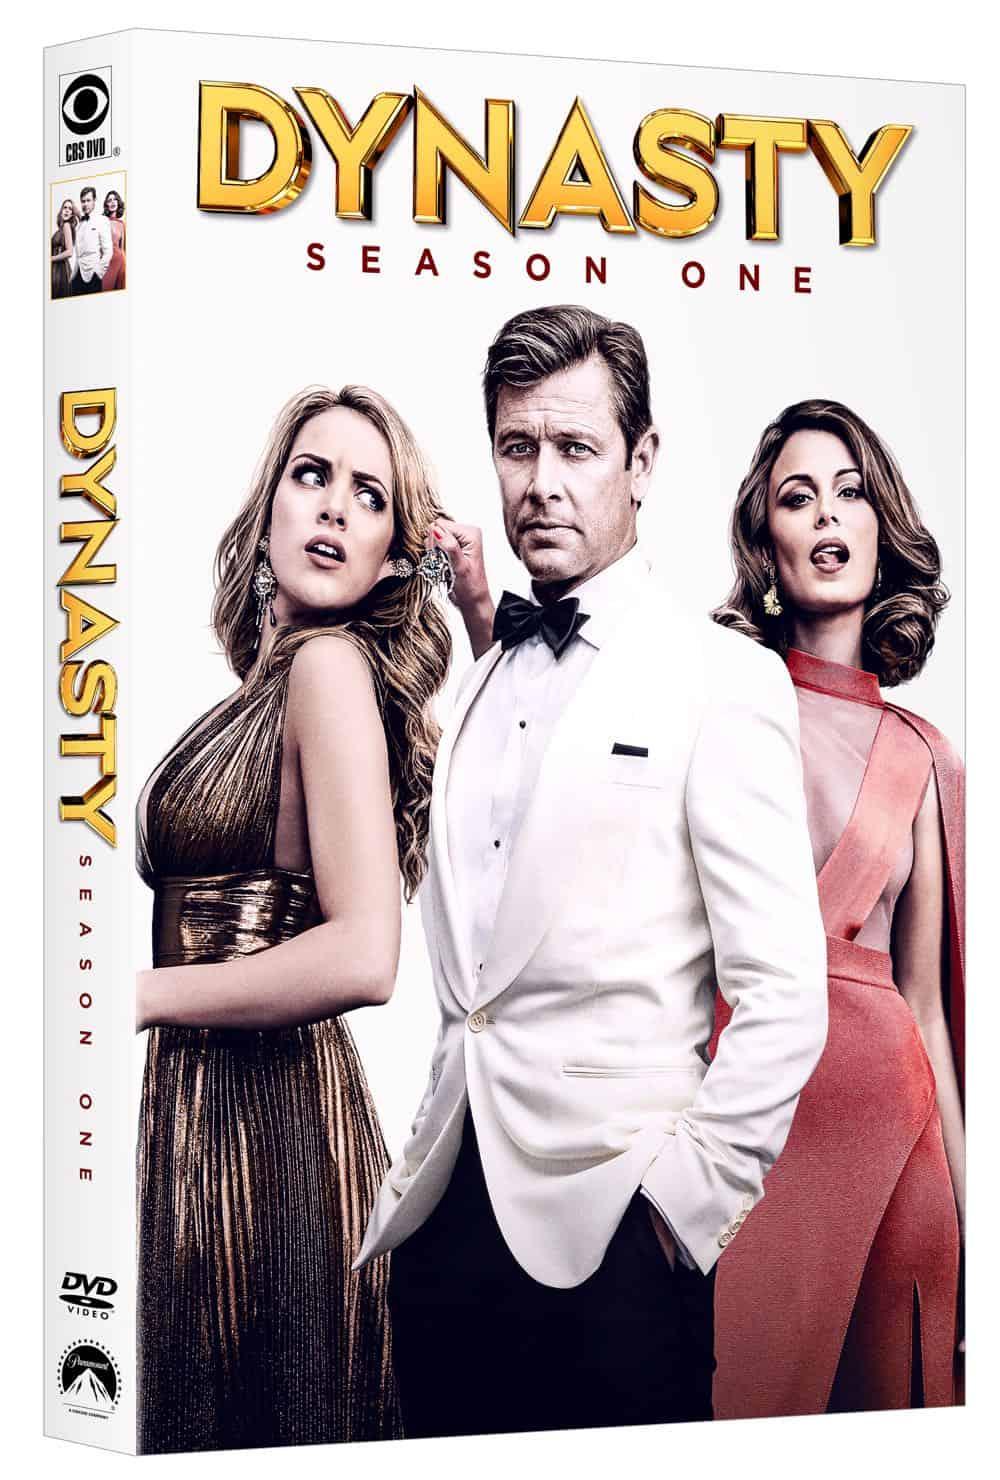 Dynasty 2017 S1 DVD 3D Oslv